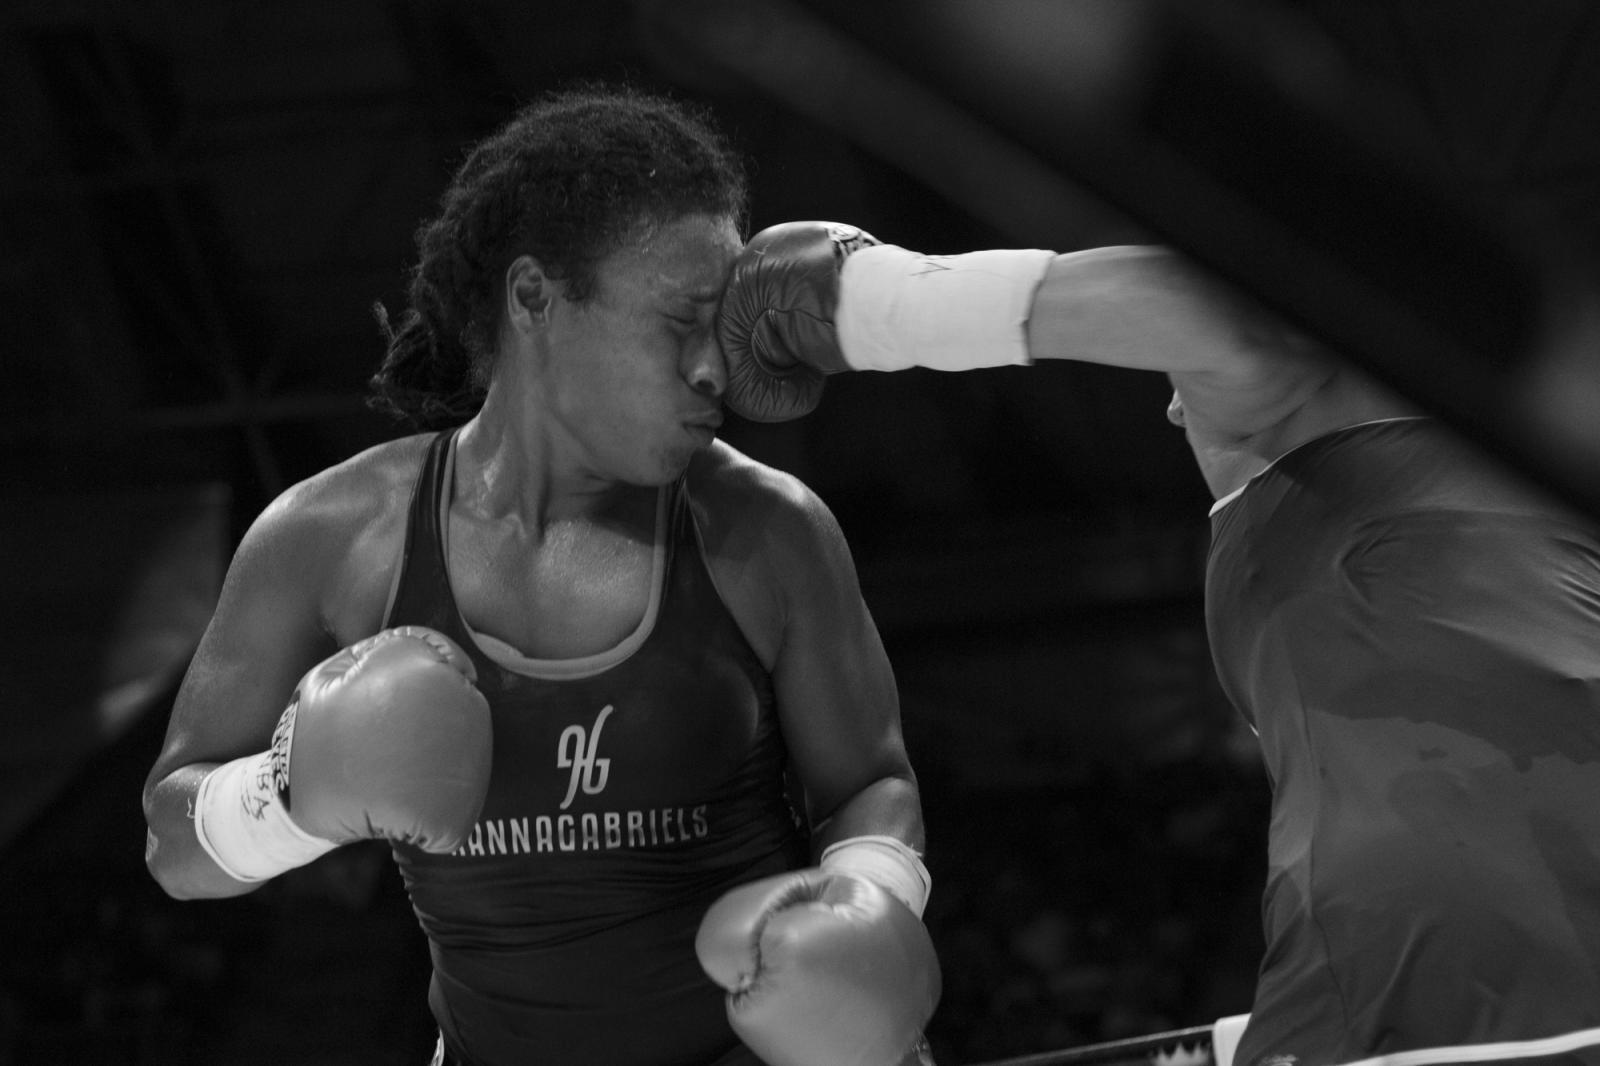 Katia Alvariño (no aparece), golpea de Hanna Gabriel. Gabriel ganó la pelea por nocaut al derribar a su contrincante en el tercer round, durante La Batalla de campeonas. 18.06.2016, Maiquetía, Venezuela.